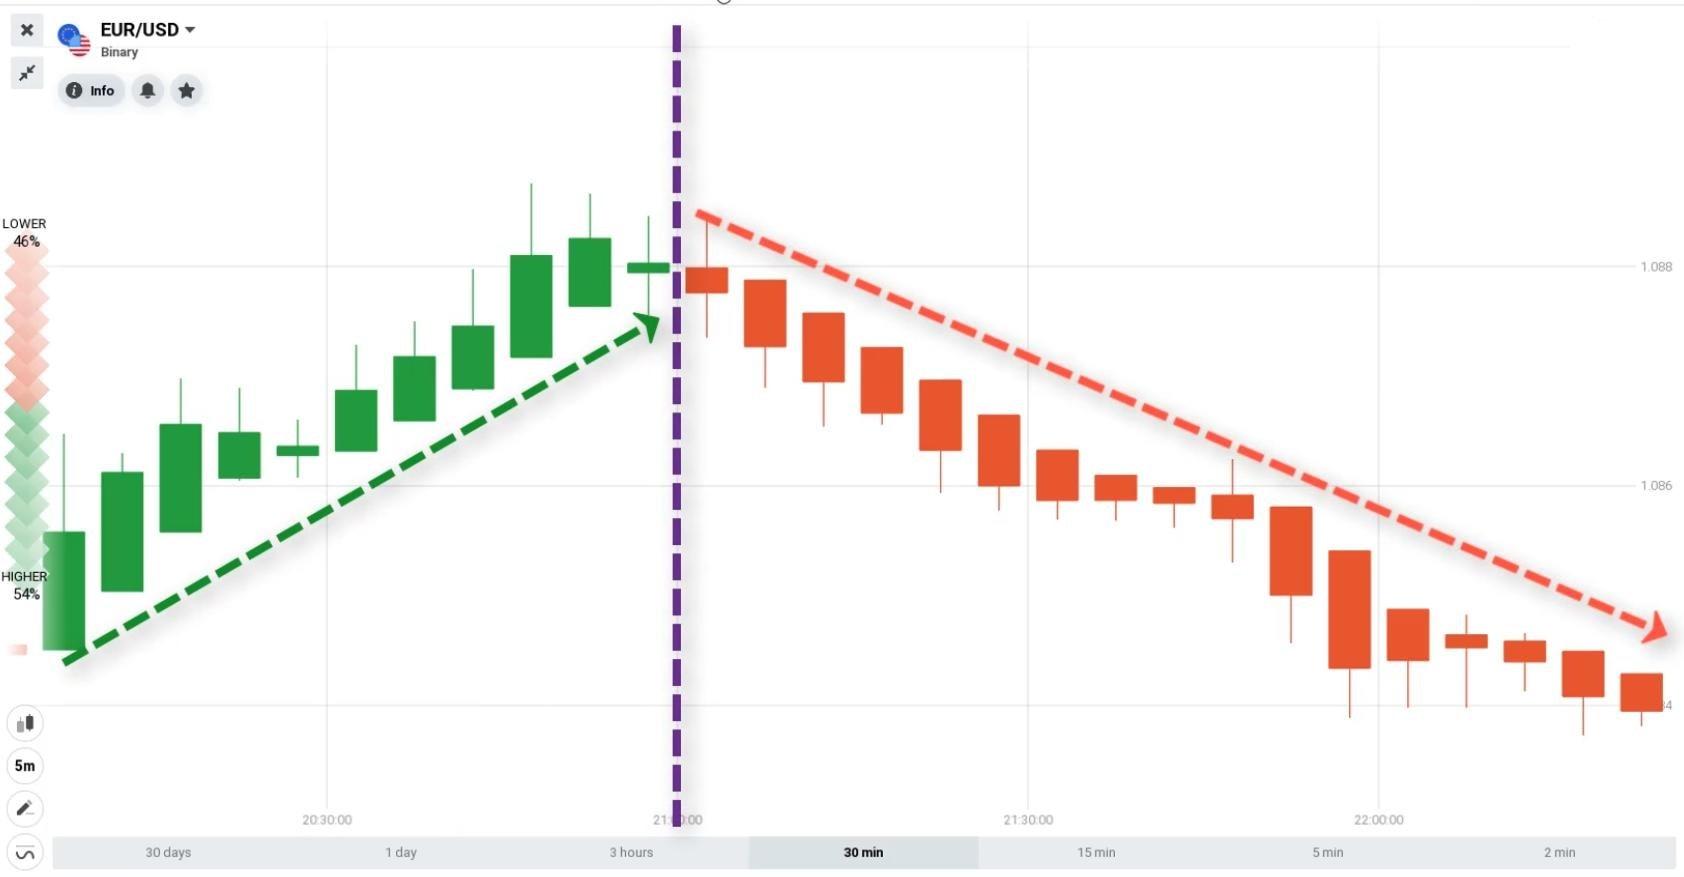 Tabela de preços com Heikin Ashi Candlesticks